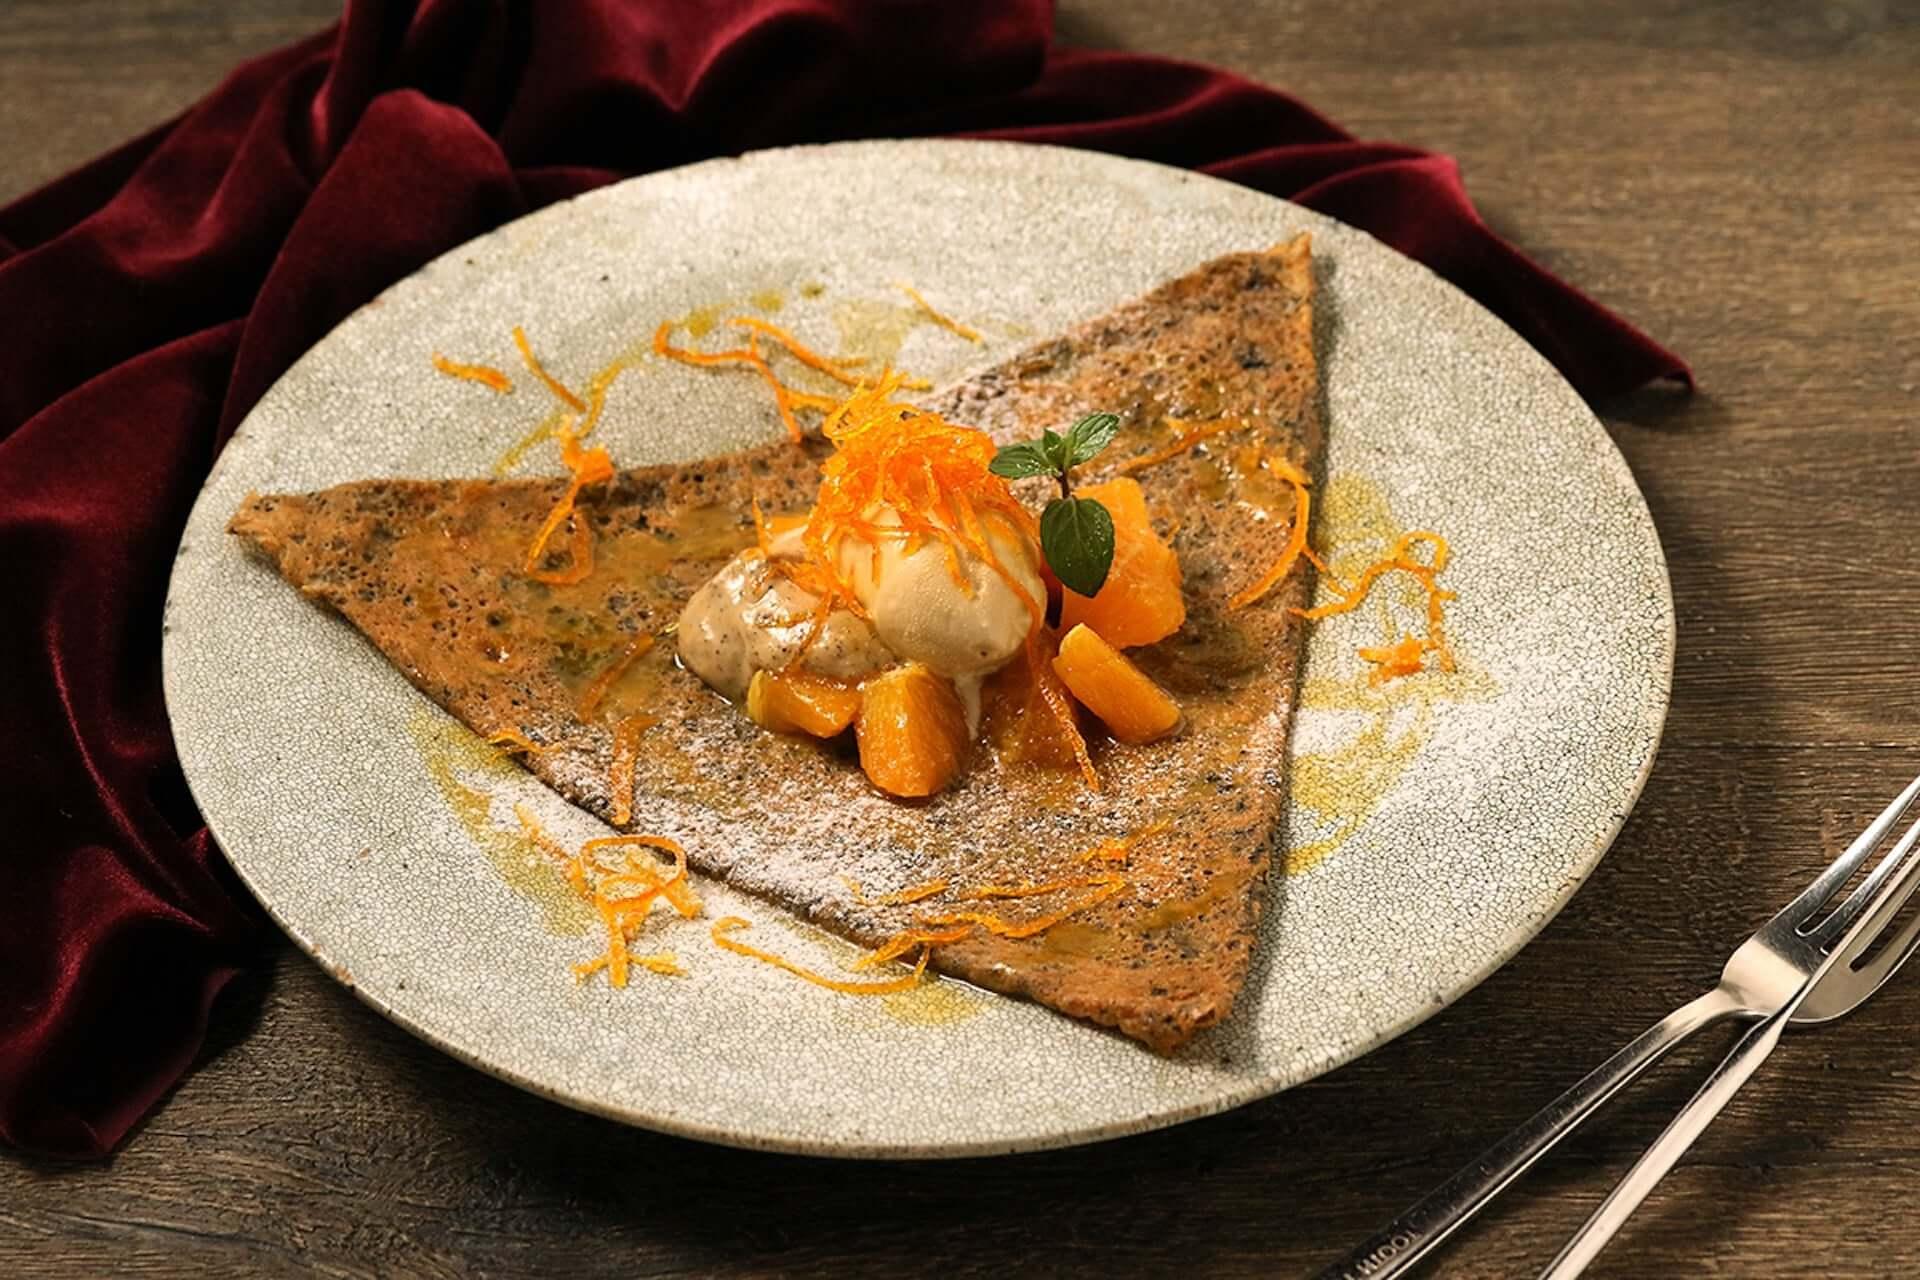 大人風味の果物クレープ&ドリンクがTOOTH TOOTH TOKYOのカフェ+ディナータイム限定で登場! gourmet200602_toothtoothtokyo_05-1920x1280